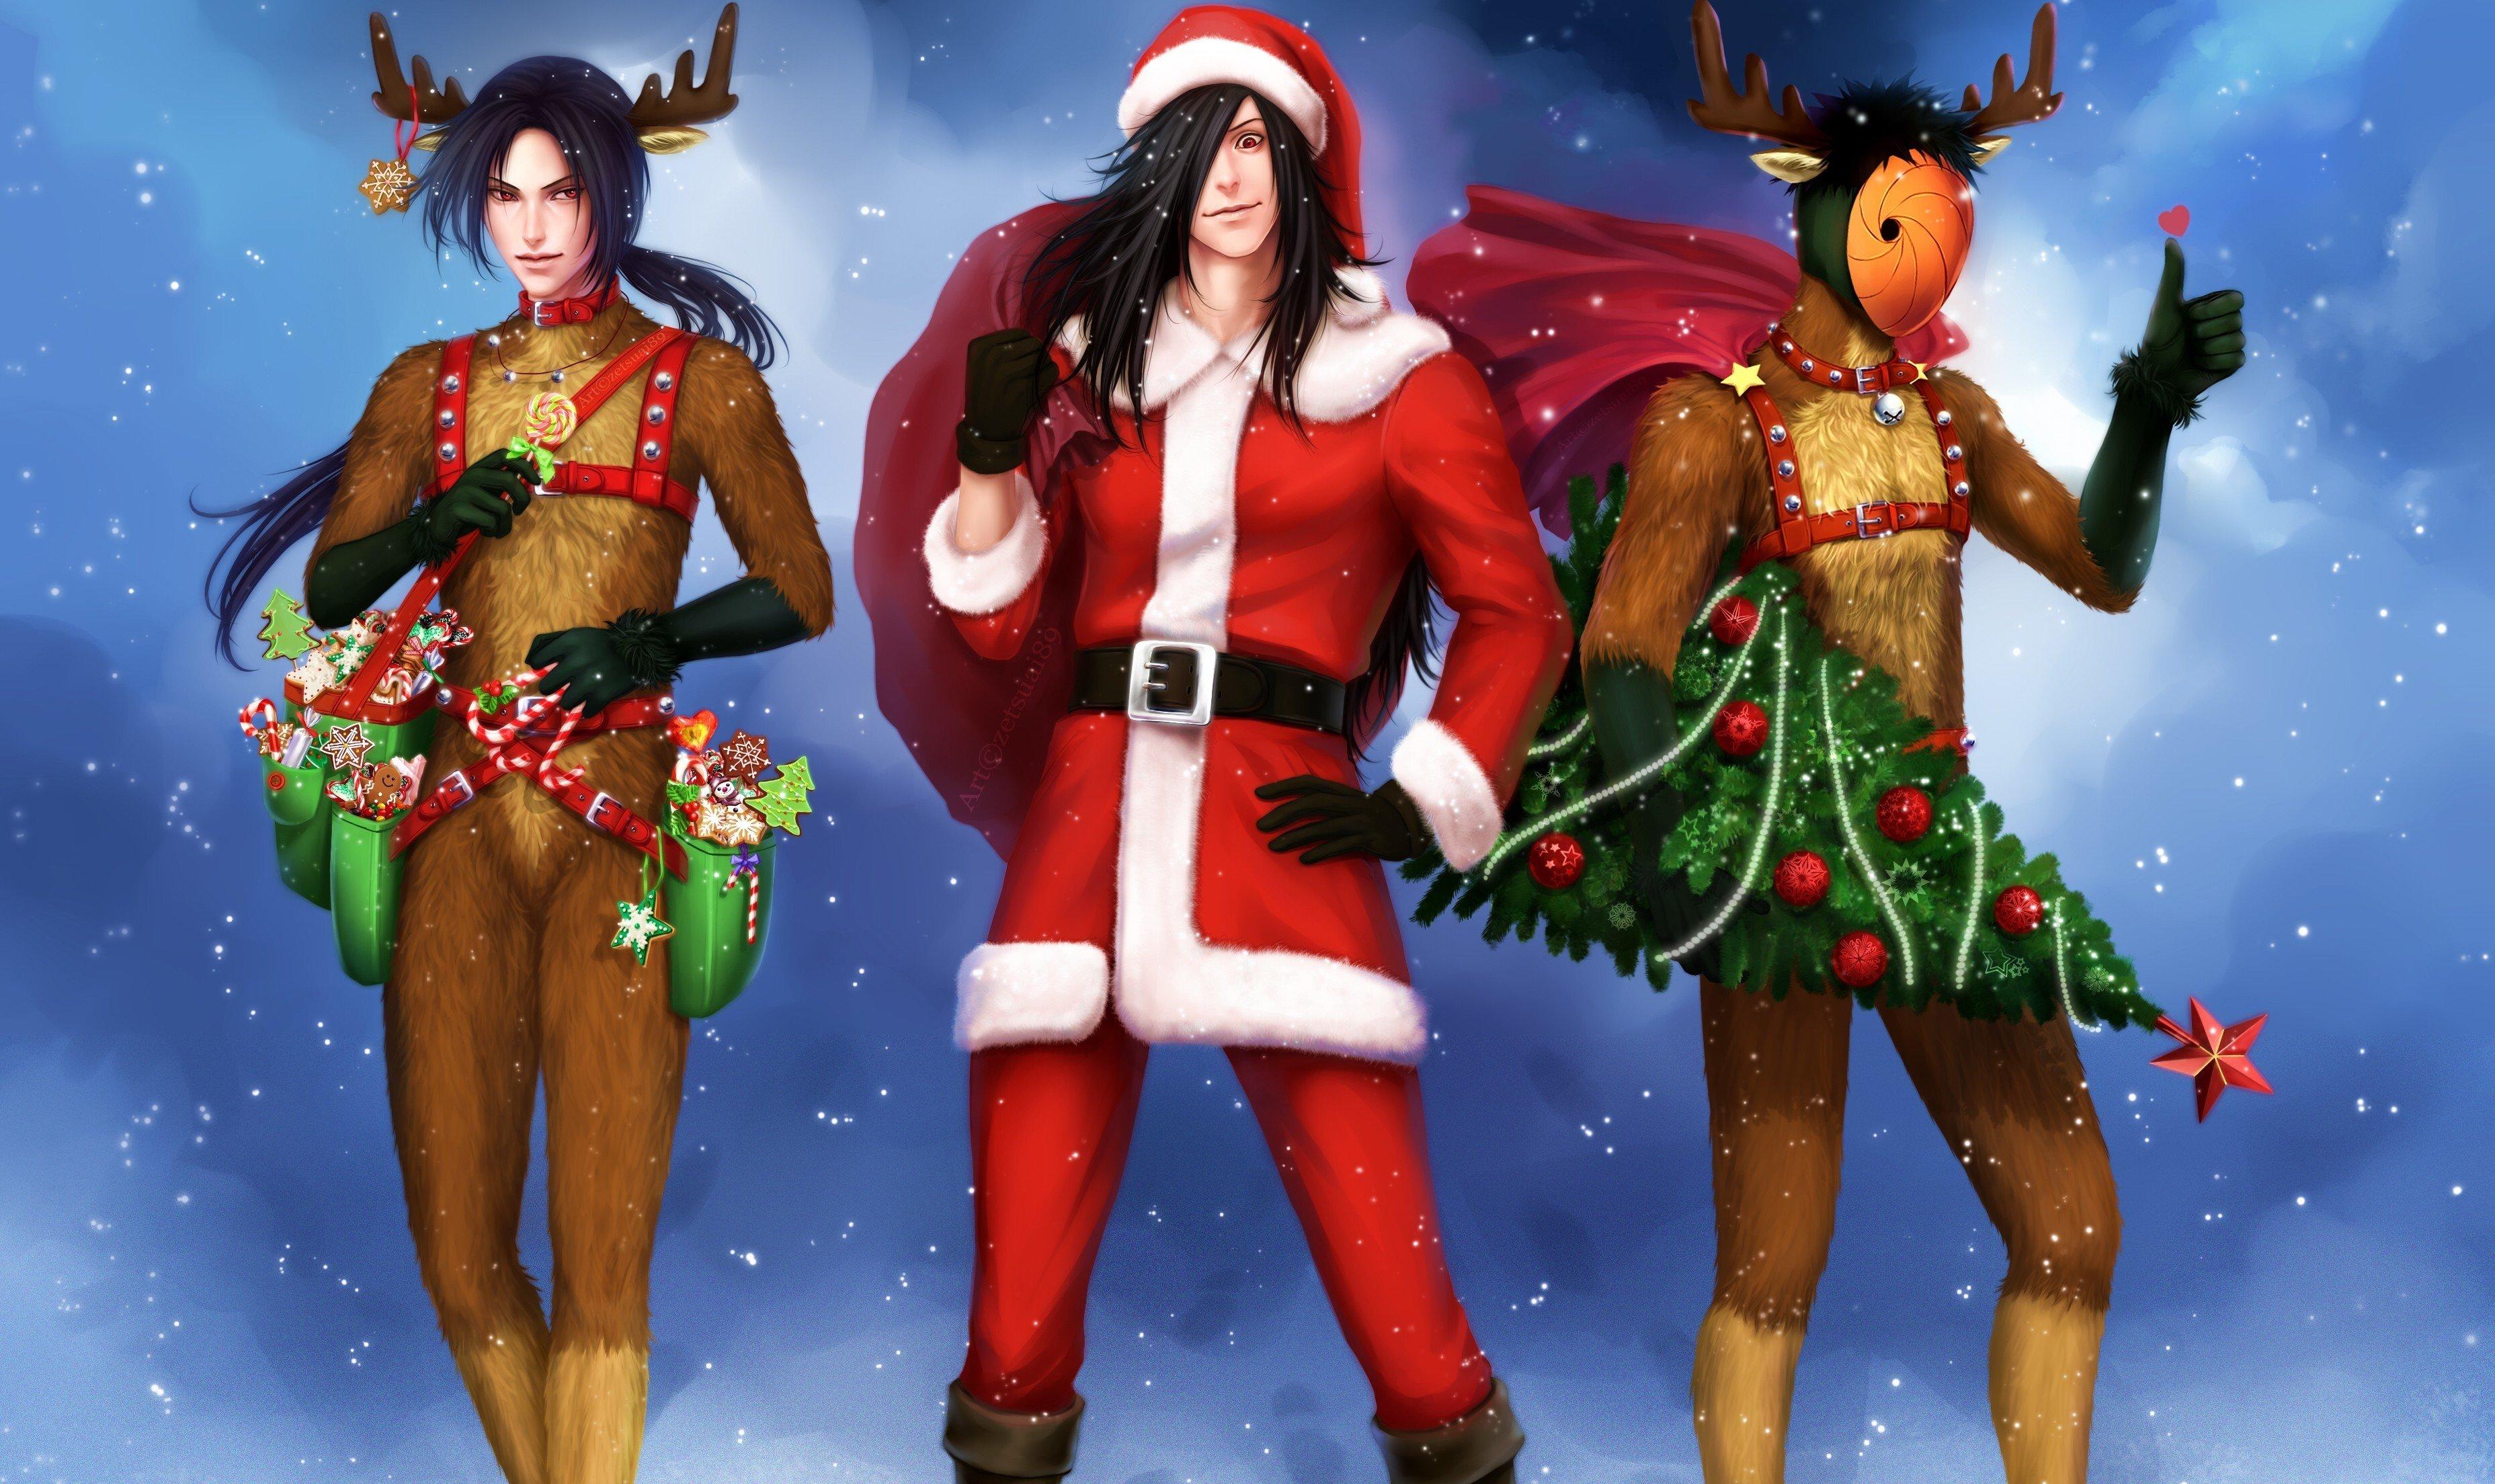 Anime Christmas Background Cartoon Christmas Wallpapers